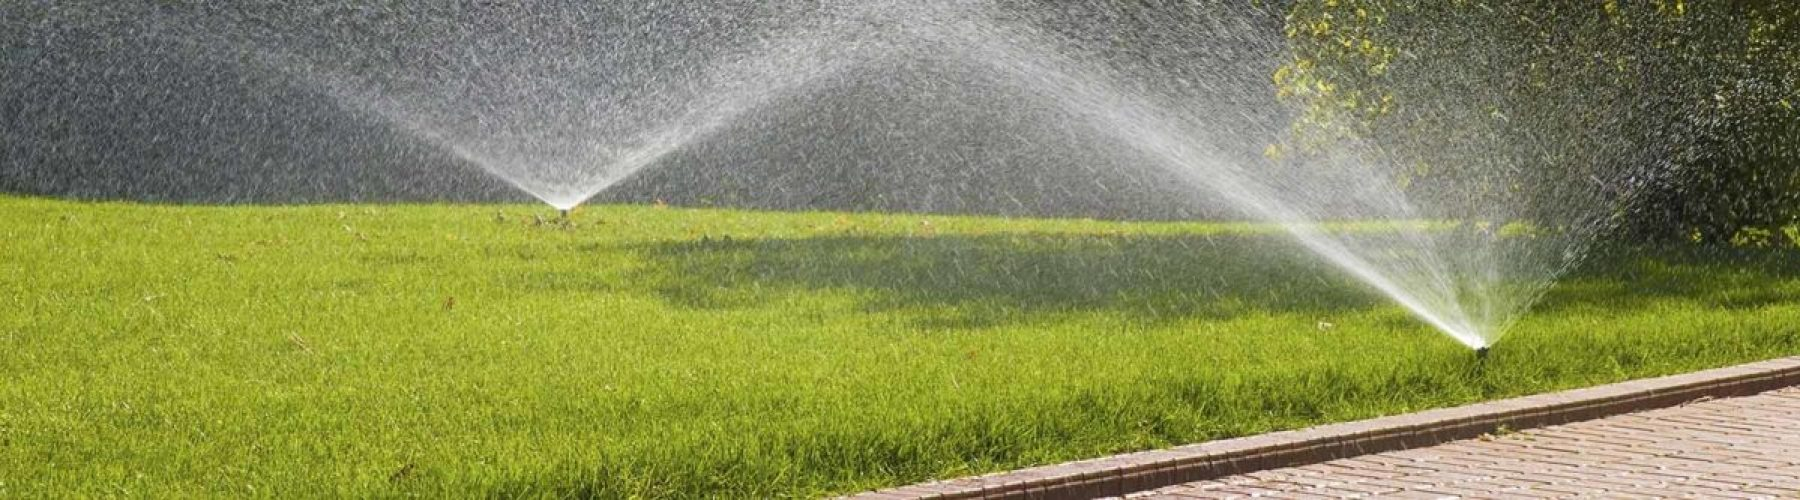 Sprinkler Systems Slider